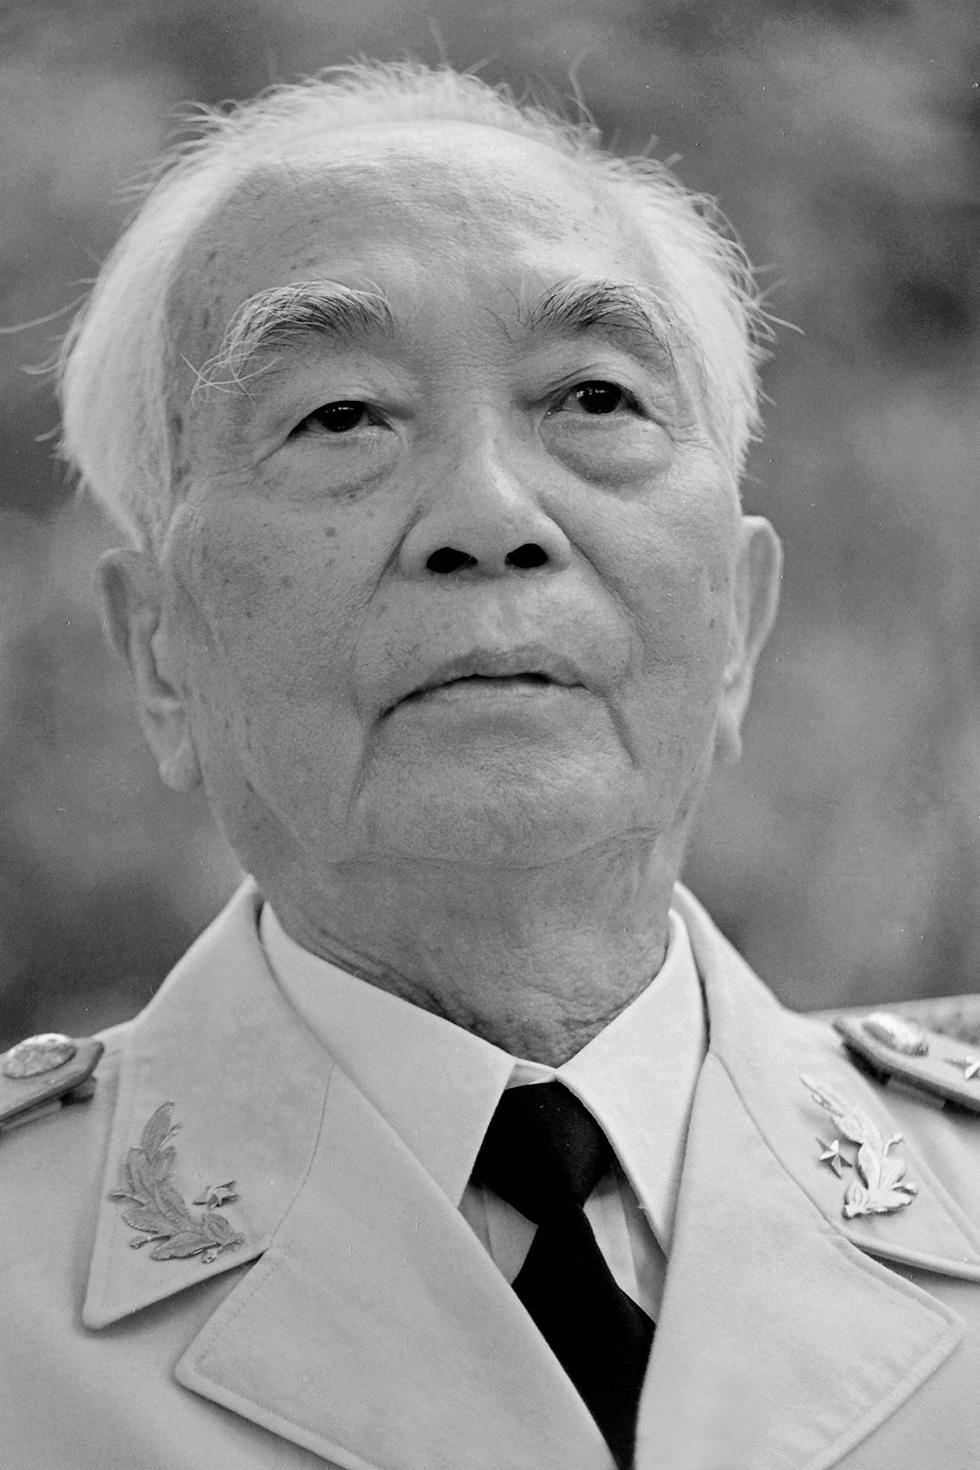 Xem những bức ảnh quý hiếm về Đại tướng Võ Nguyên Giáp - Ảnh 6.